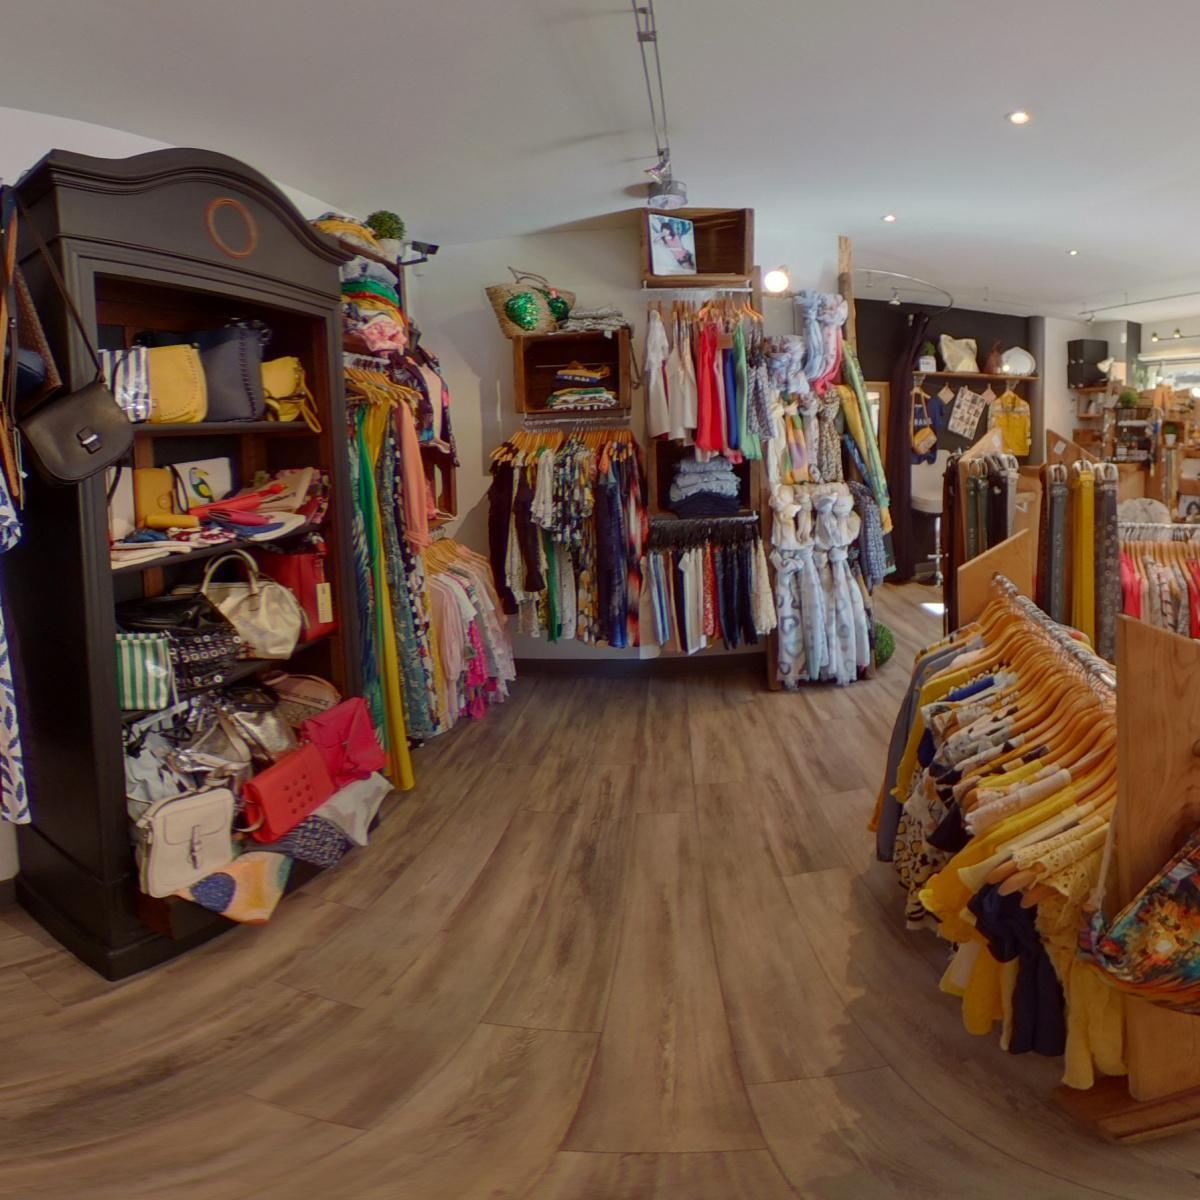 Visite virtuelle 360° à Nérac (47600) du magasin de prêt-à-porter Pourquoi pas